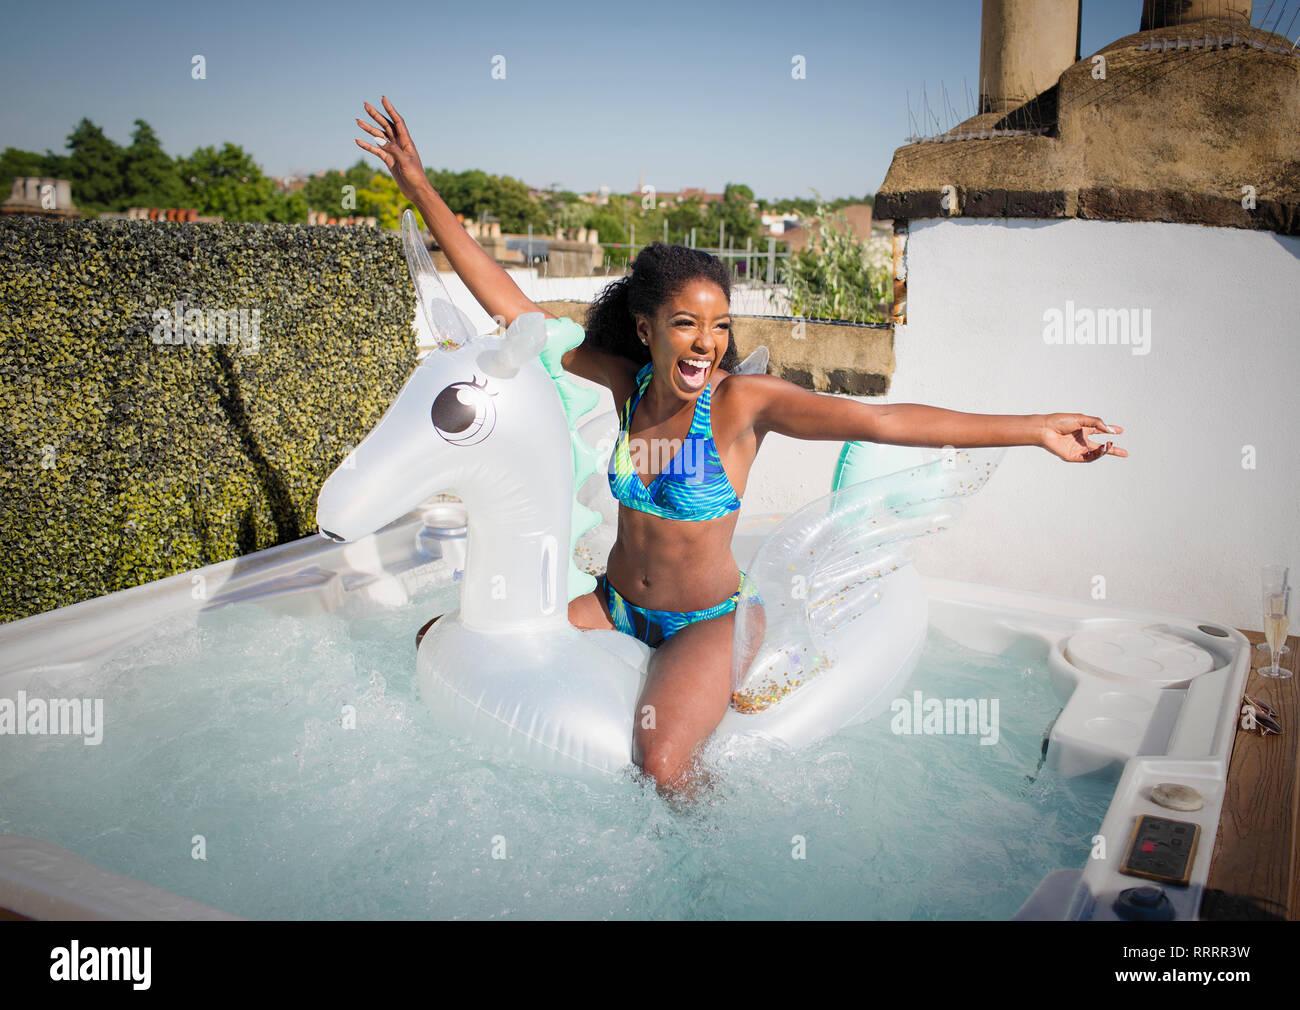 Verspielt, quirlige junge Frau im Bikini sitzt n aufblasbare Pegasus im Whirlpool auf dem Dach Stockbild